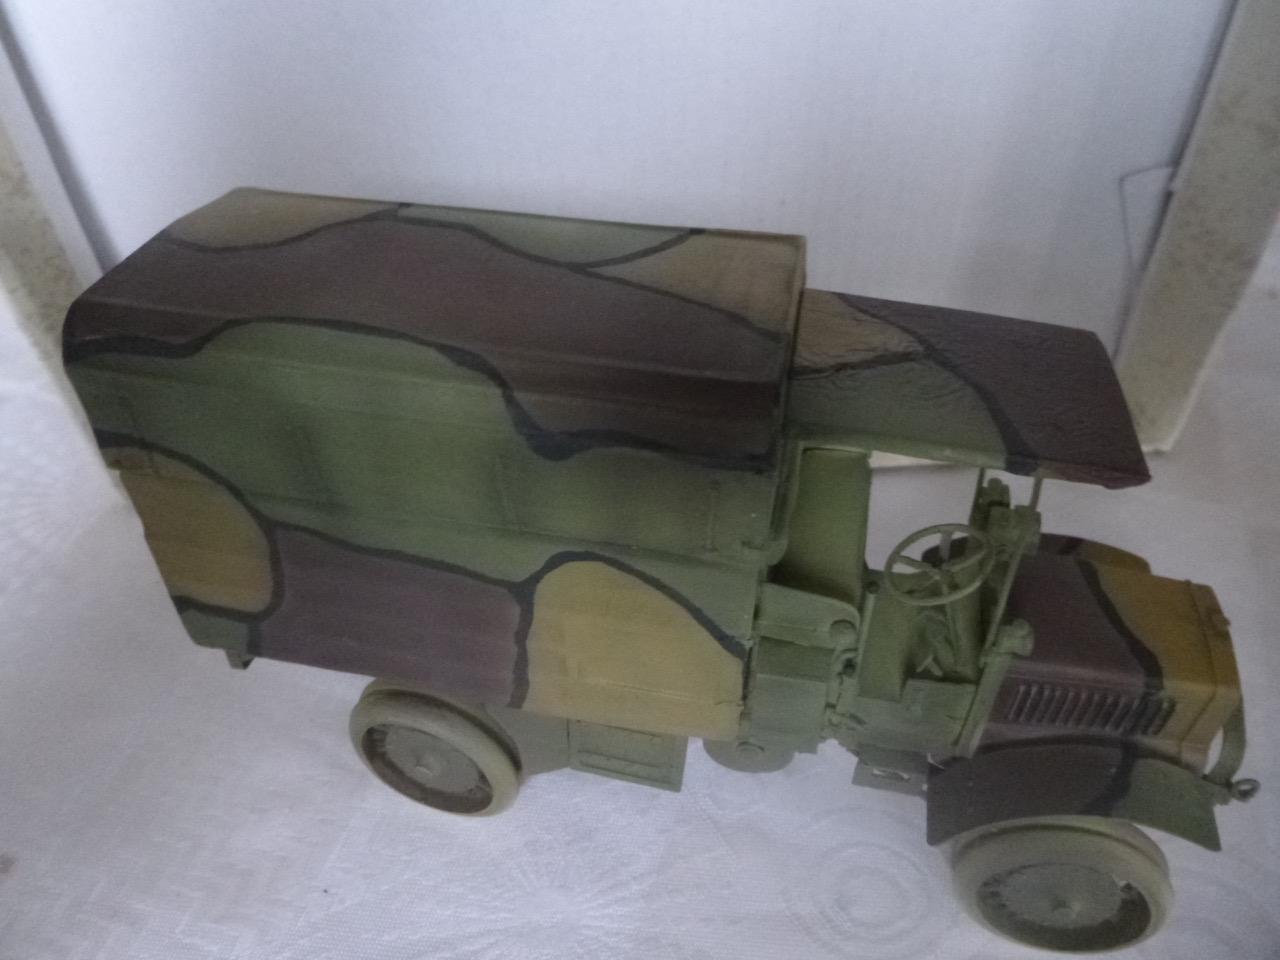 Camion Chatillon Panhard 1917 - résine de chez Blitz au 1/35 - Page 2 170405092534219930